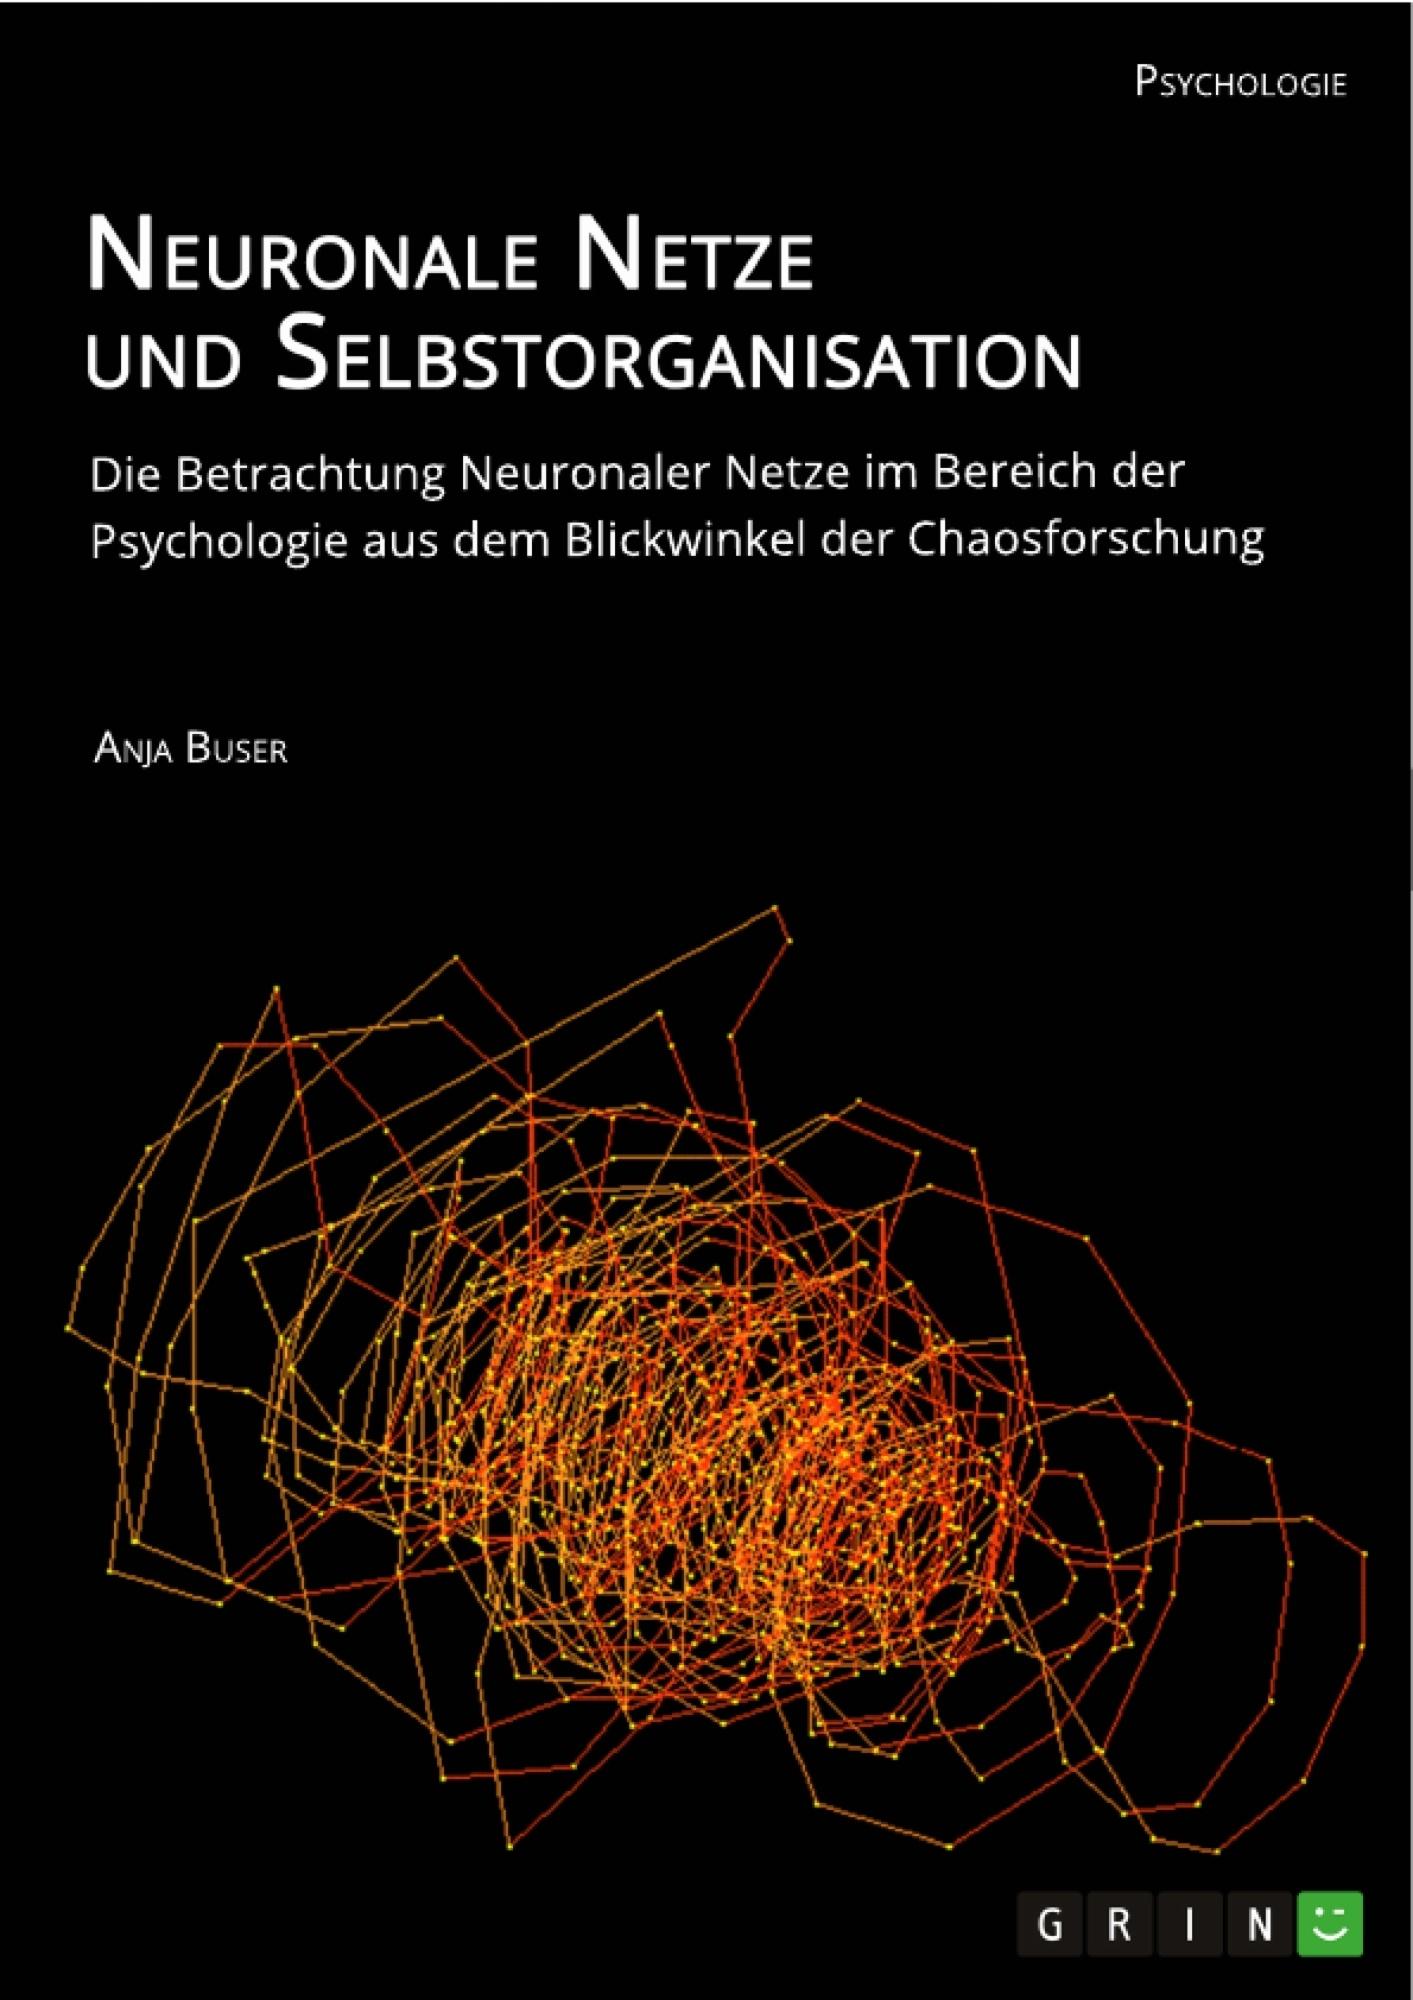 Titel: Neuronale Netze und Selbstorganisation. Die Betrachtung Neuronaler Netze im Bereich der Psychologie aus dem Blickwinkel der Chaosforschung